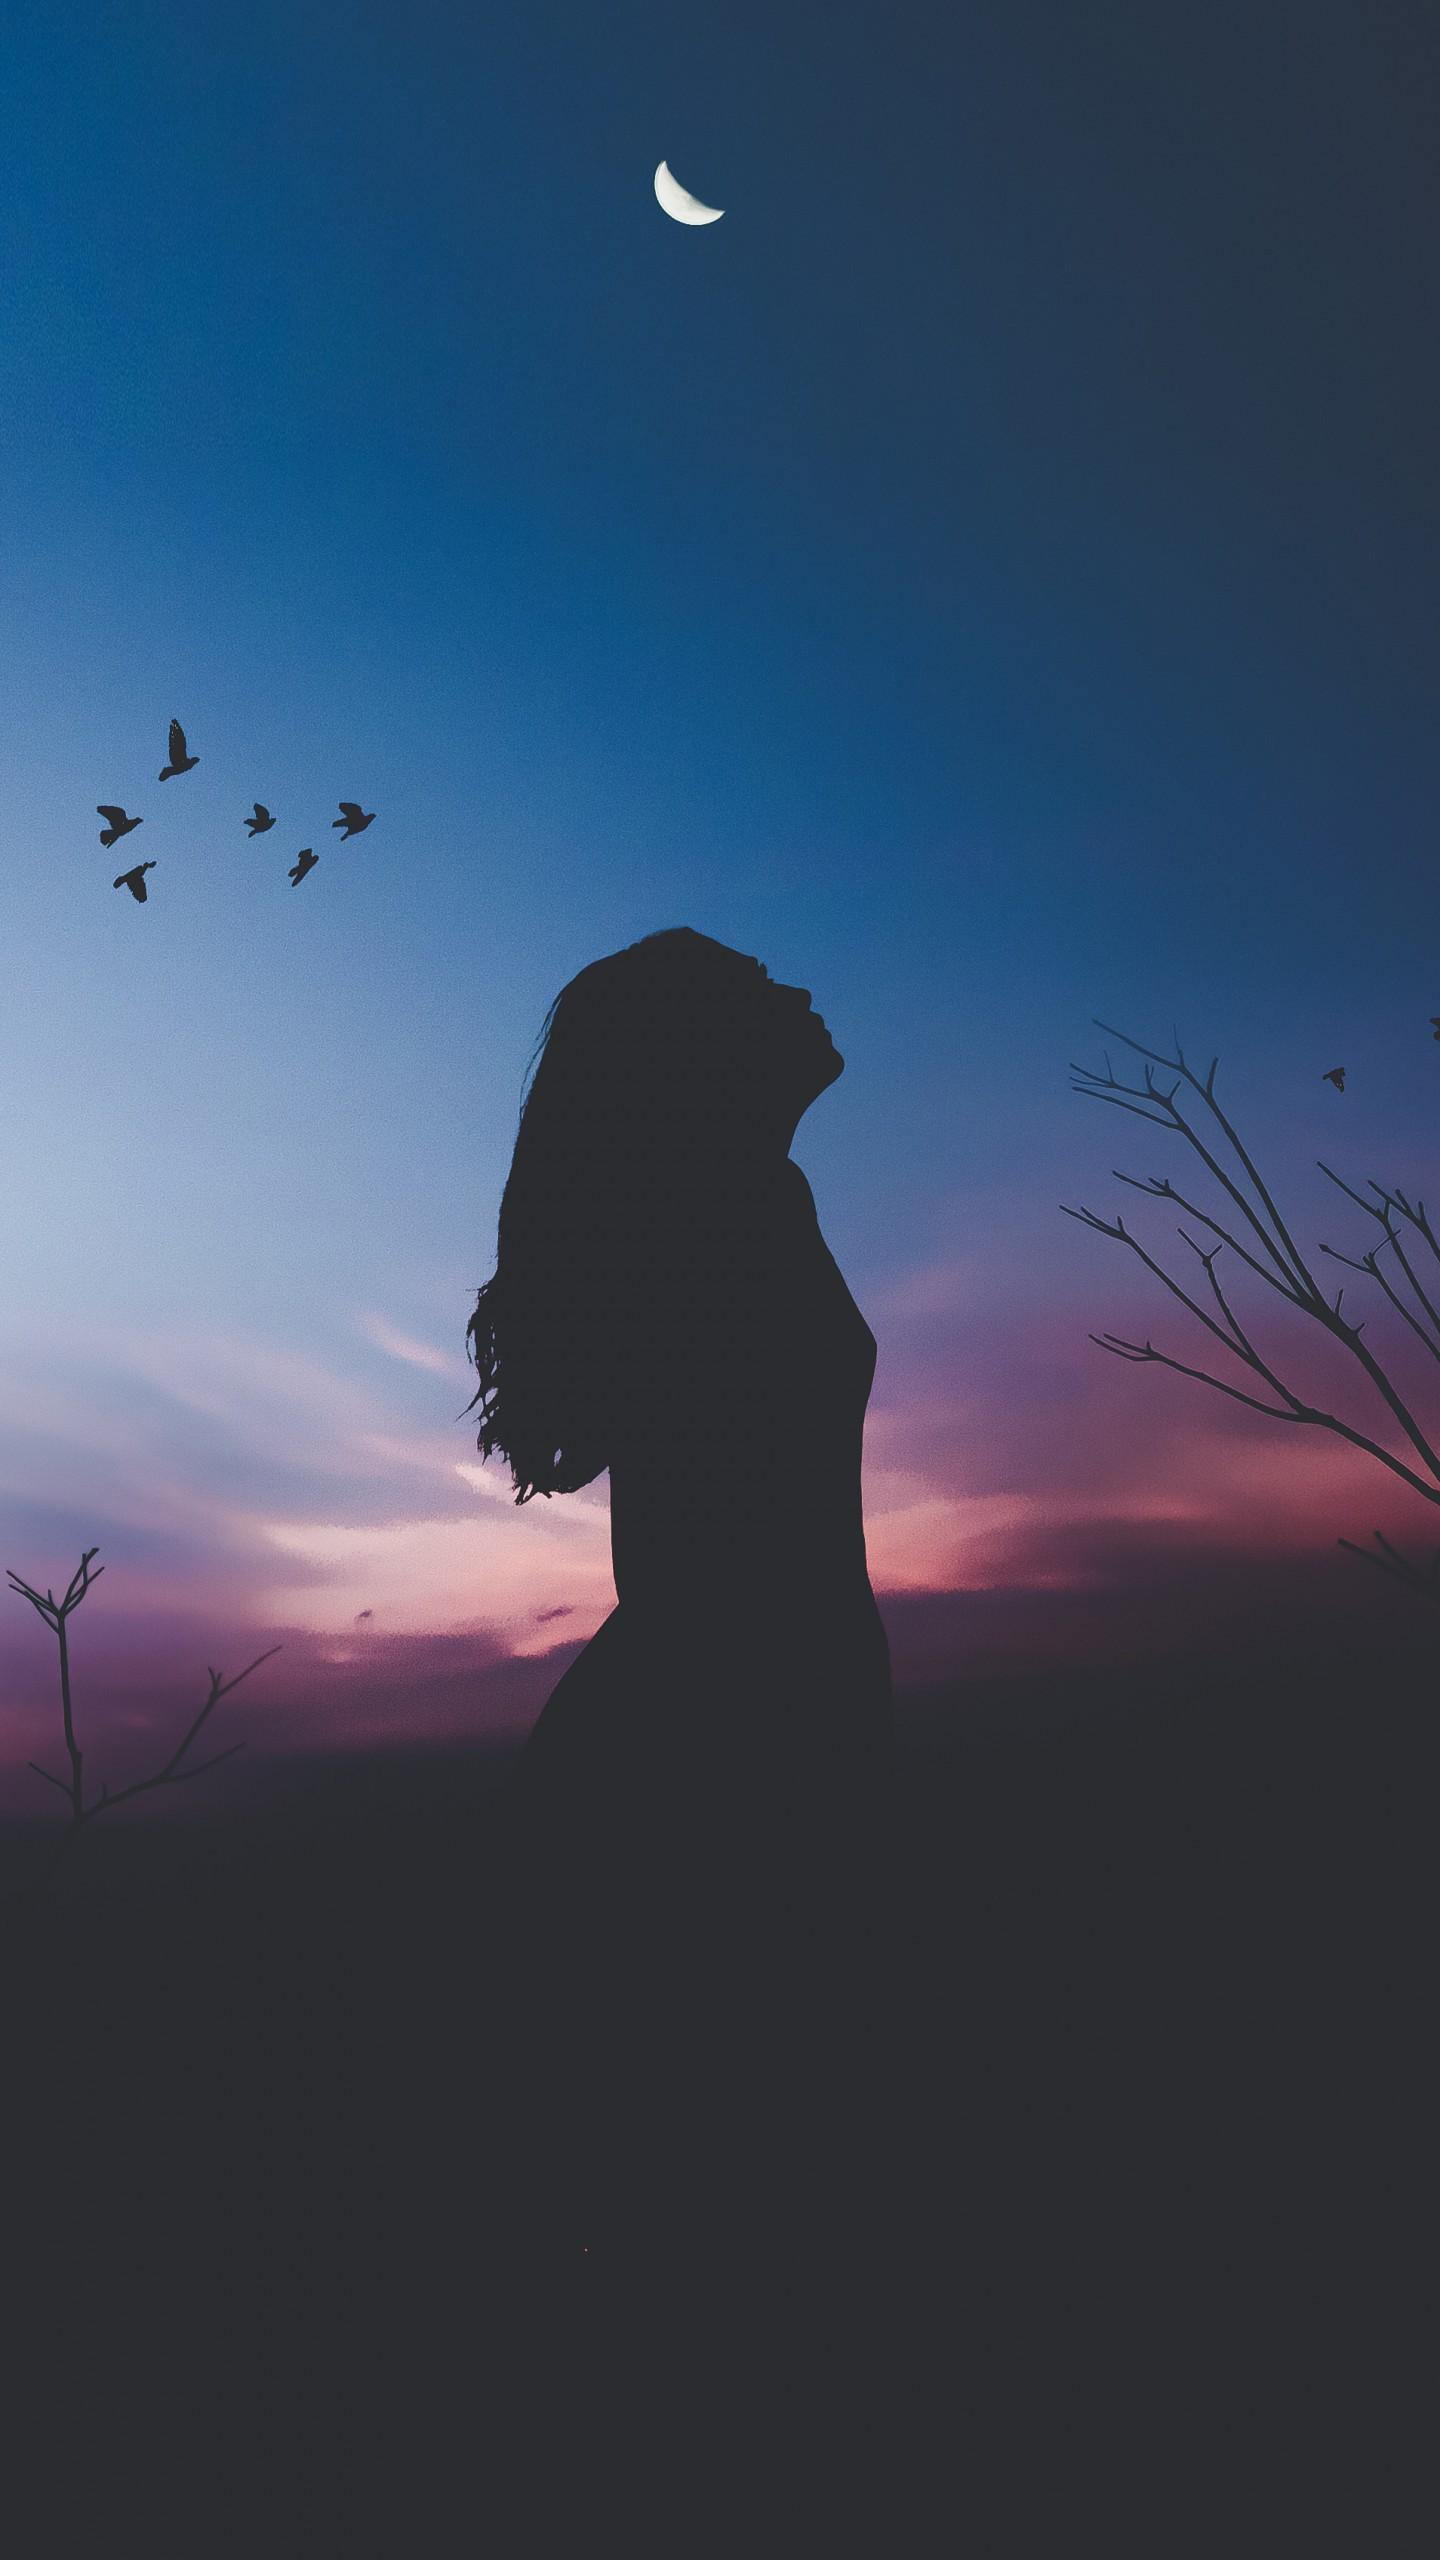 عکس زمینه شبح زن تنها زیر نور ماه پس زمینه